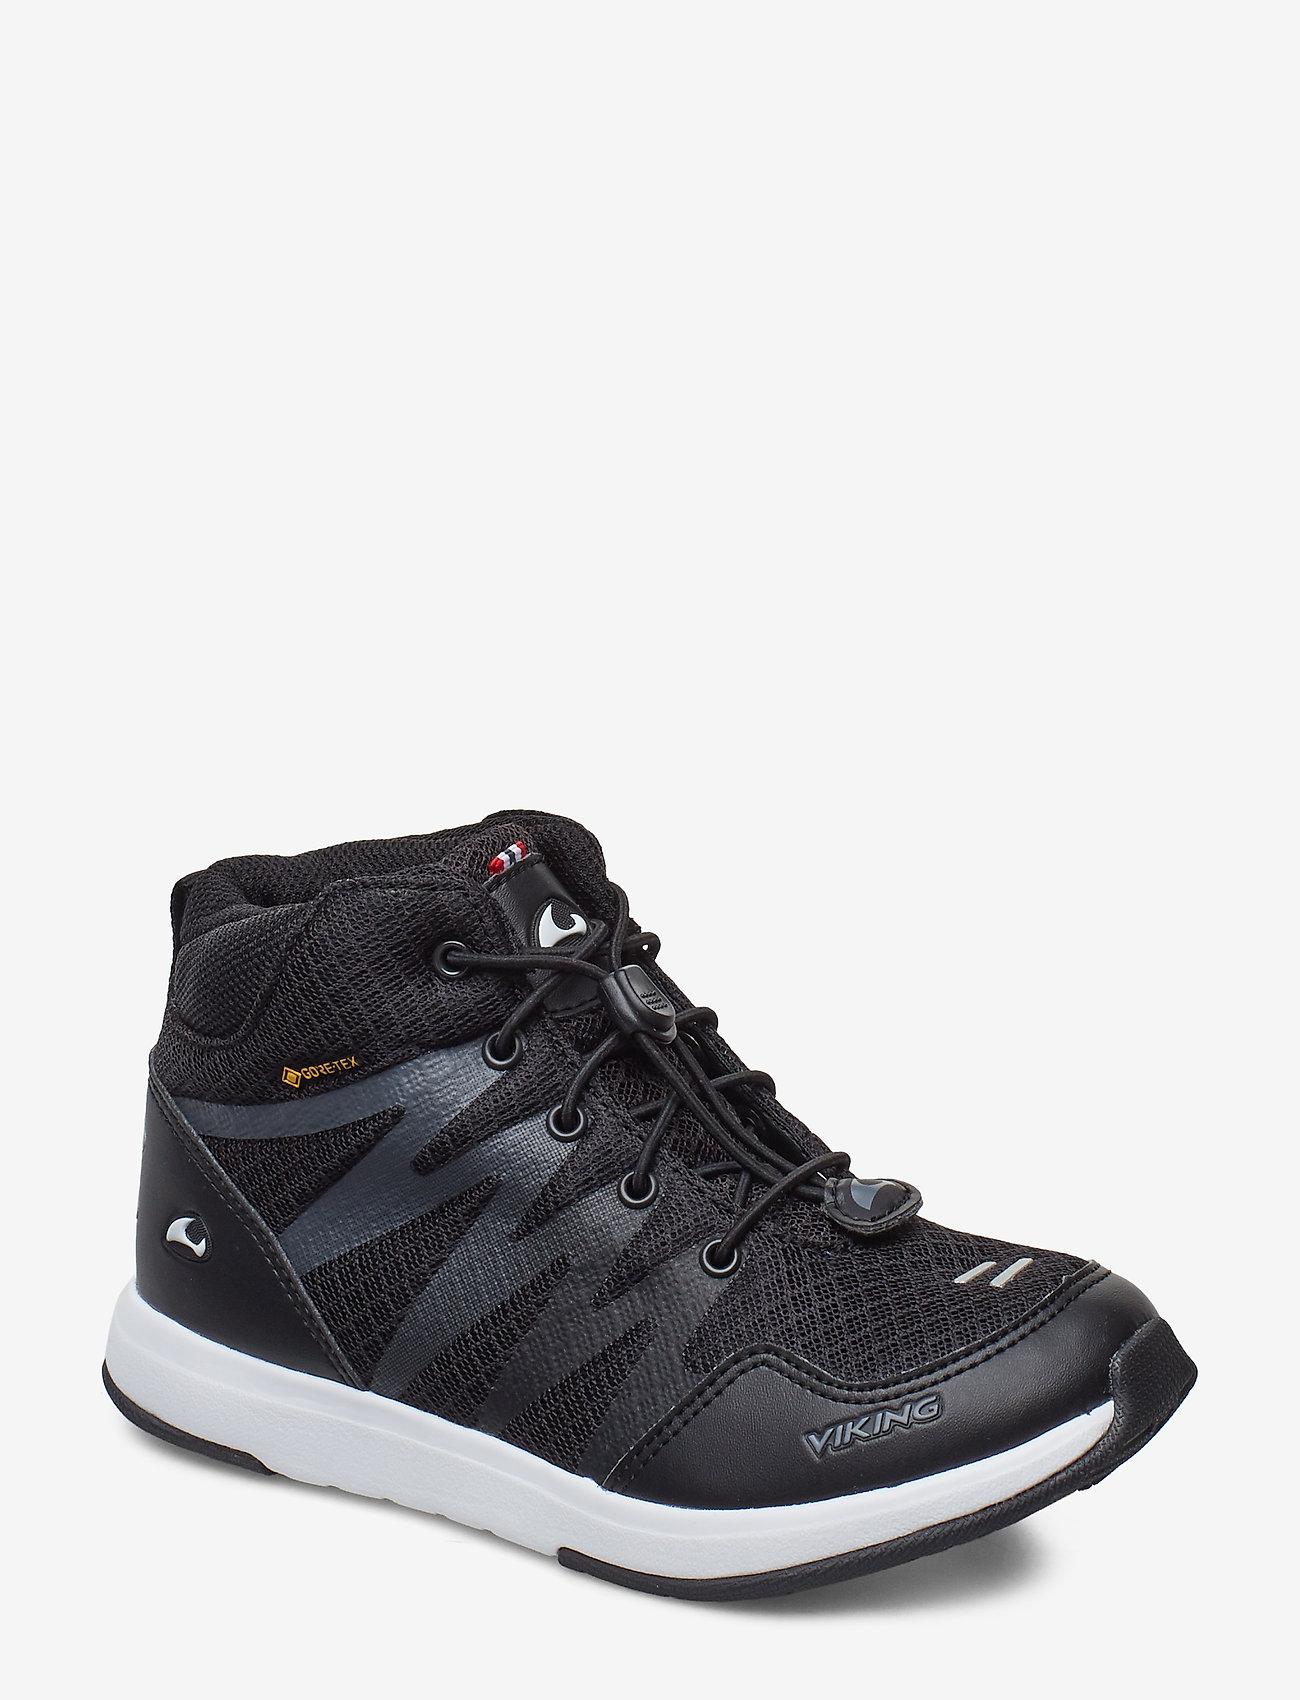 Viking - Bislett II Mid GTX - hoog sneakers - black/charcoal - 0